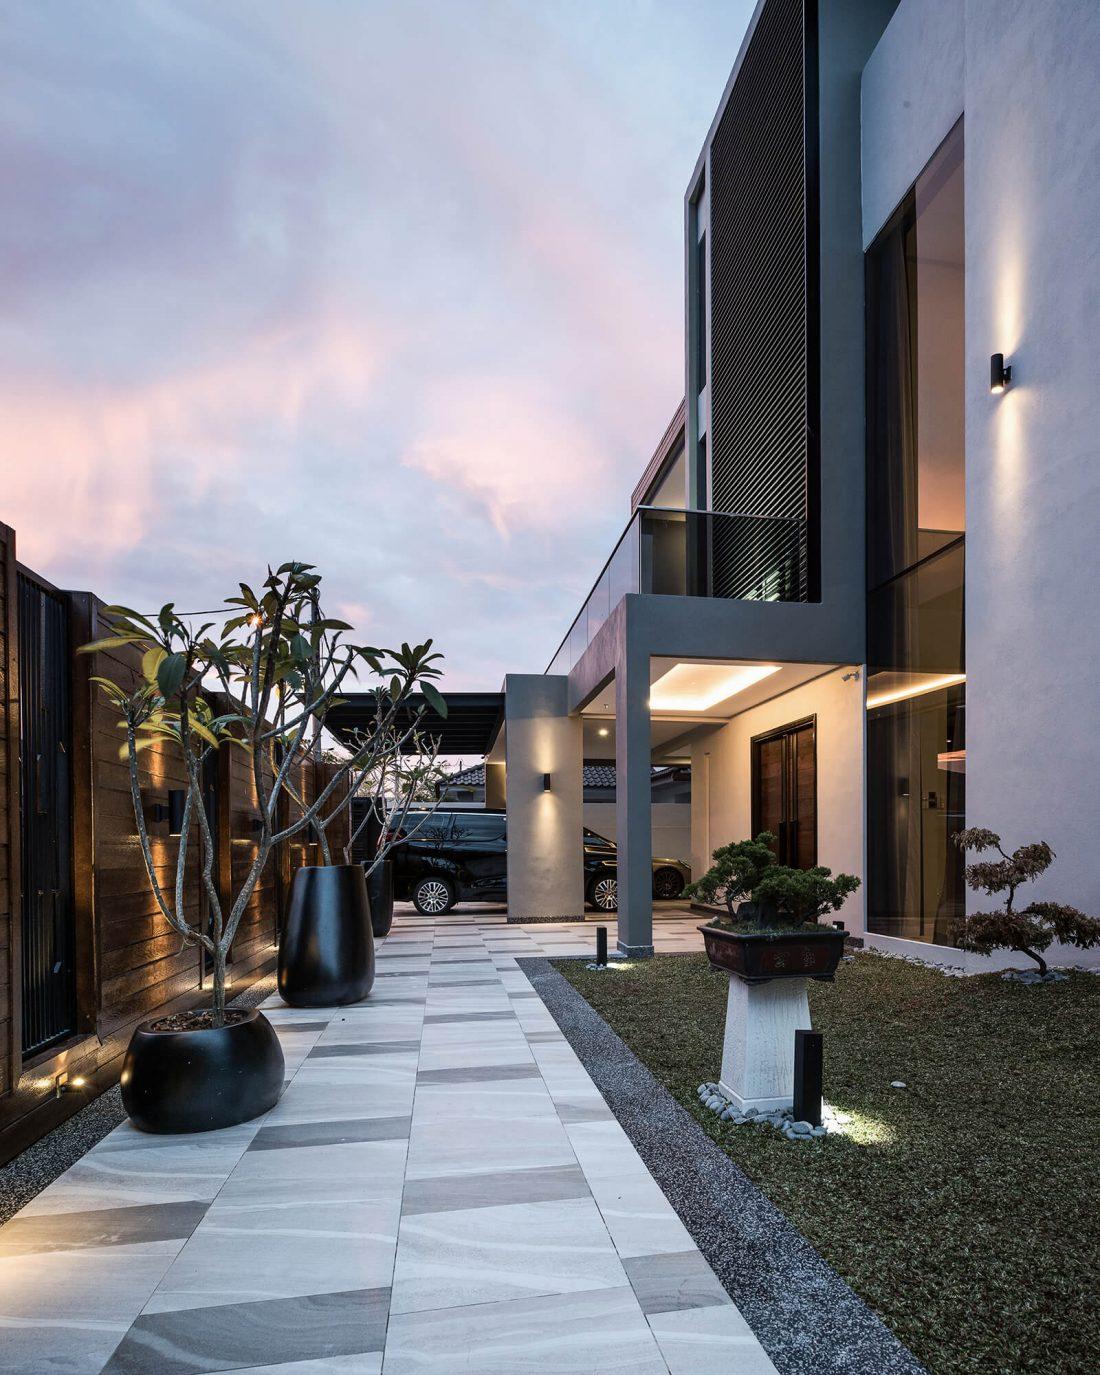 Exterior Design Private Bungalow Alor Setar Kedah Malaysia v7